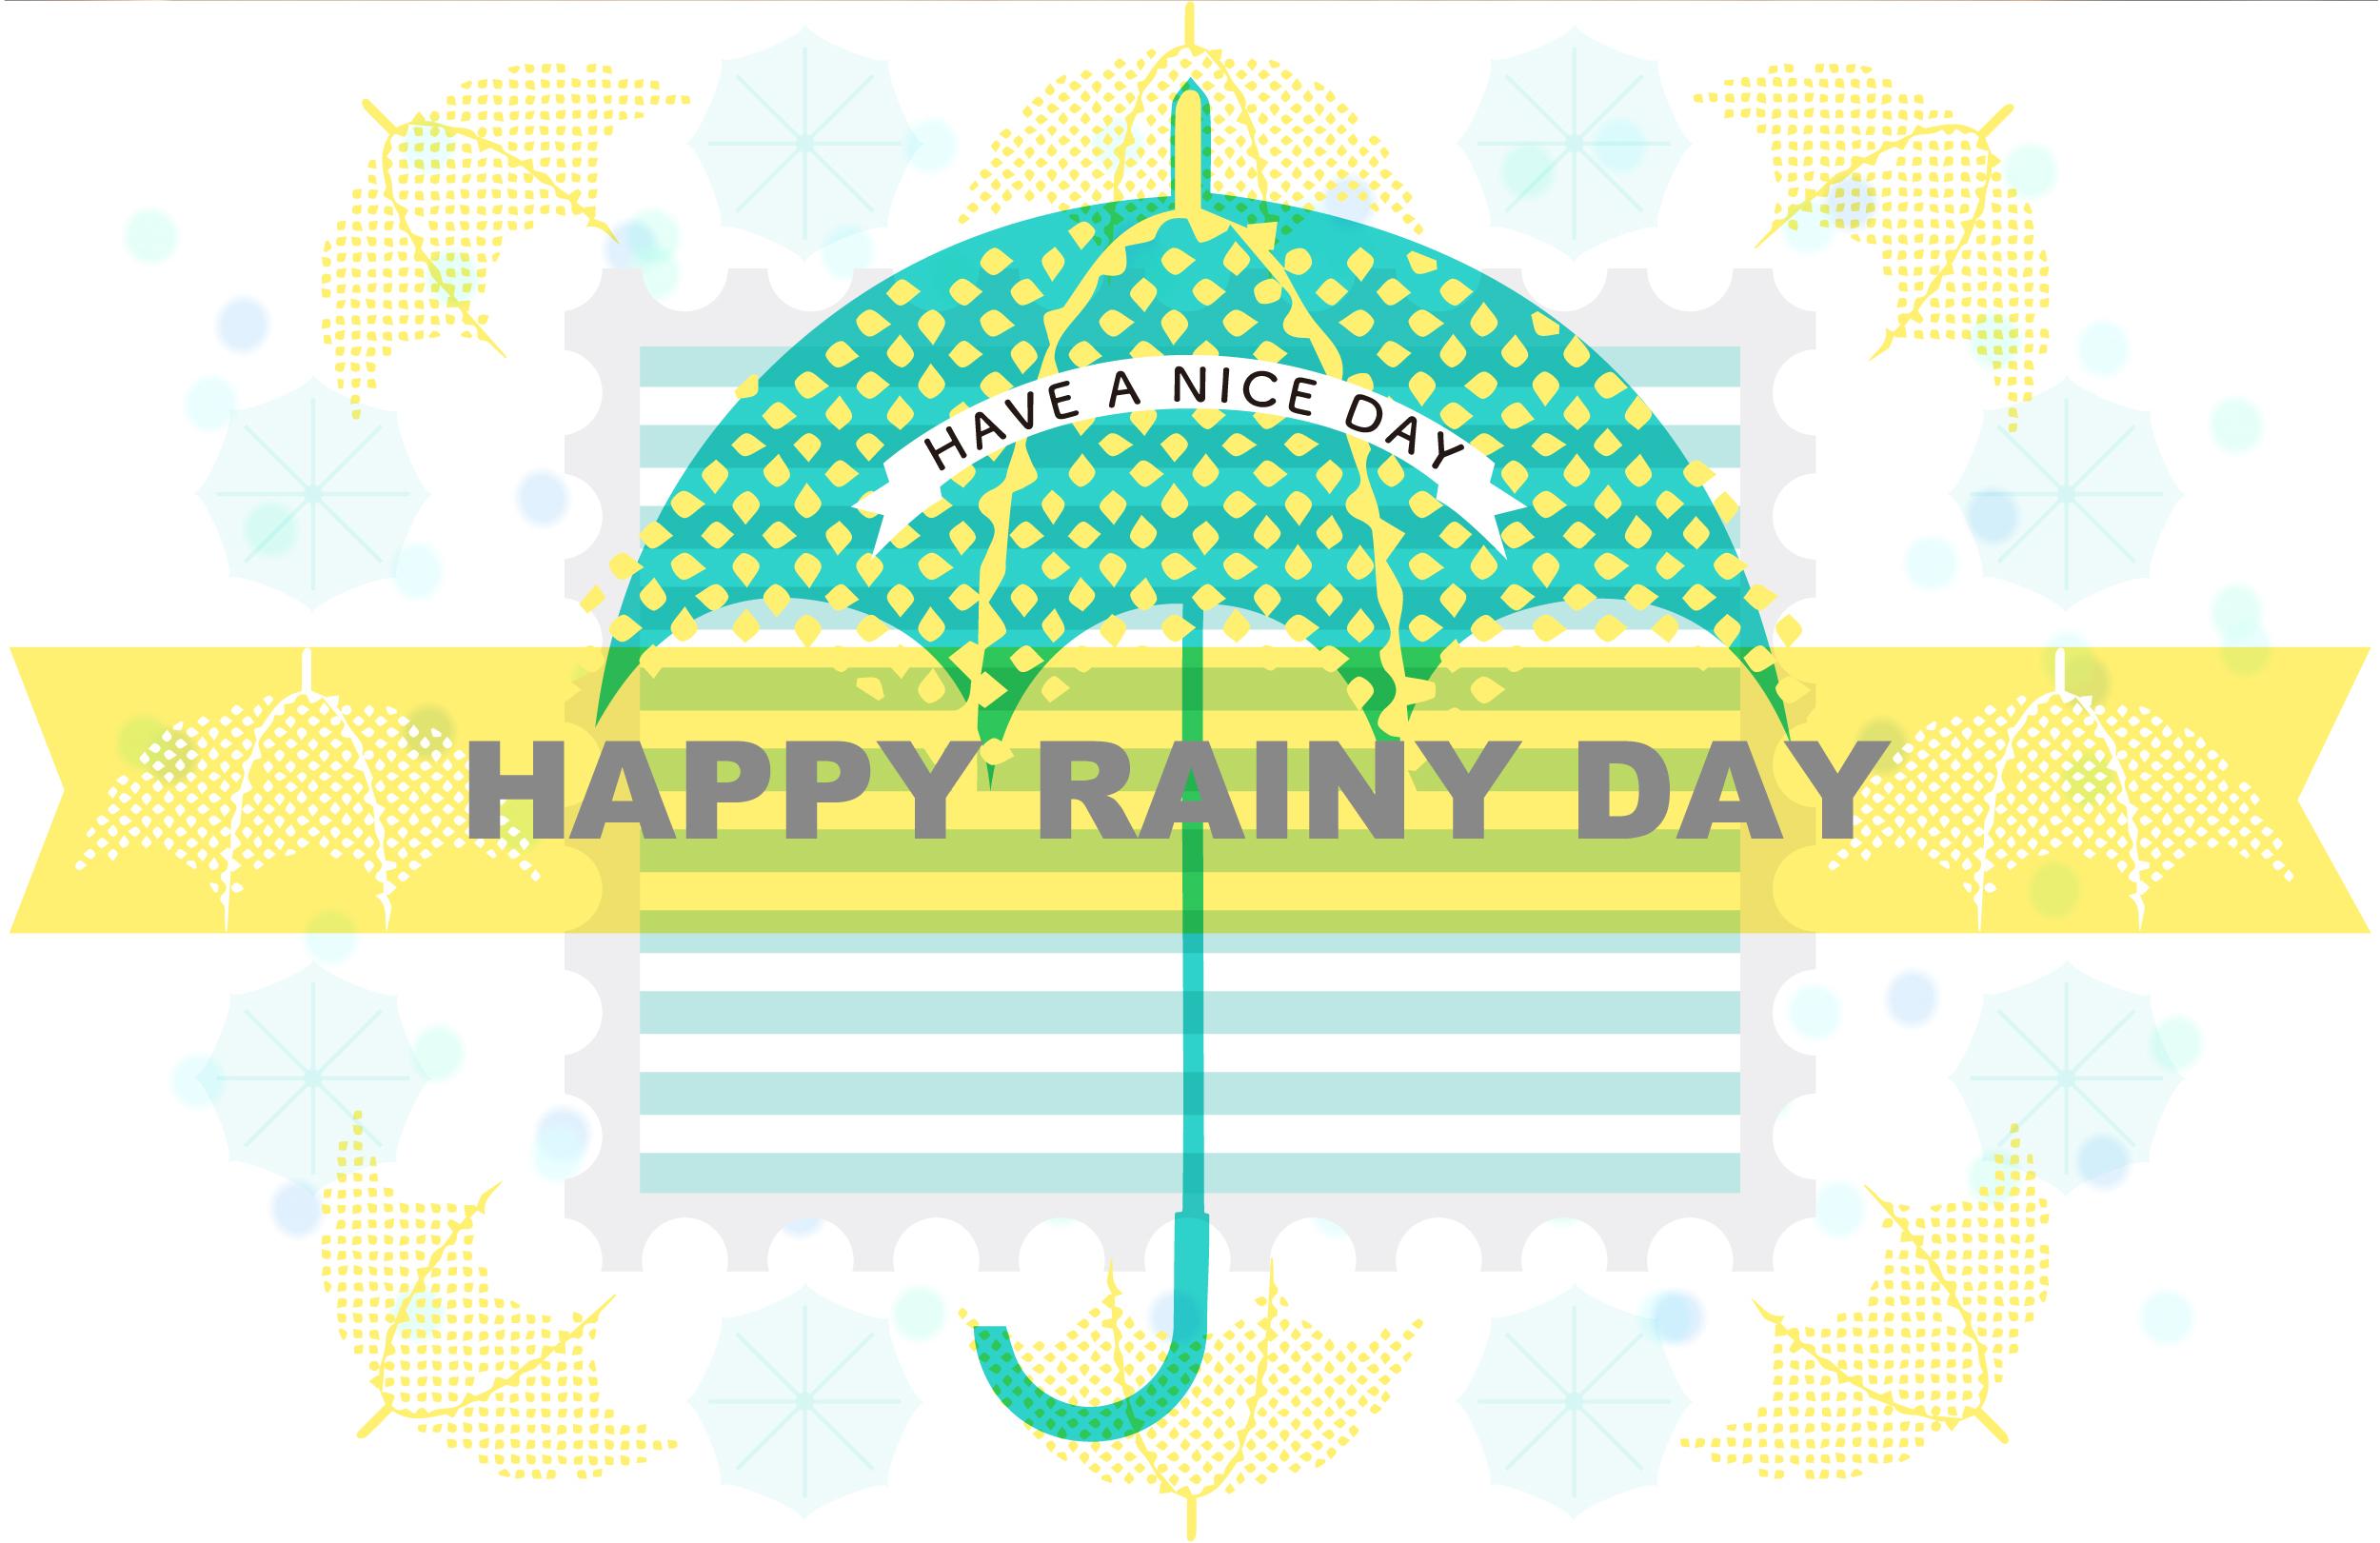 梅雨に向けてボリュームダウンキャンペーン開催中!!